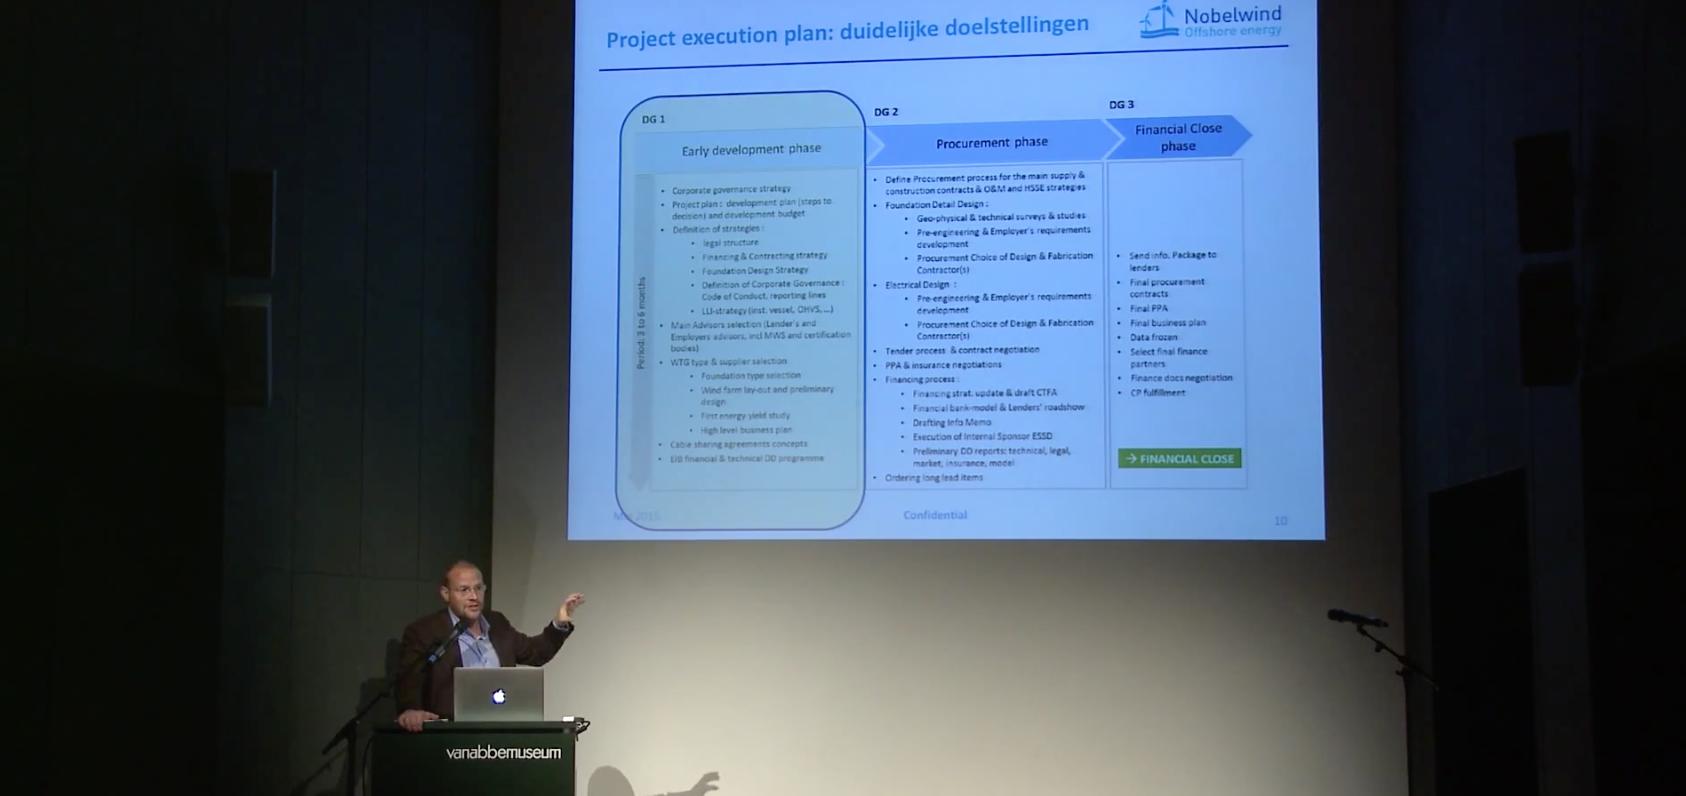 Presentatie Nobelwind: succesfactoren en risicomanagement